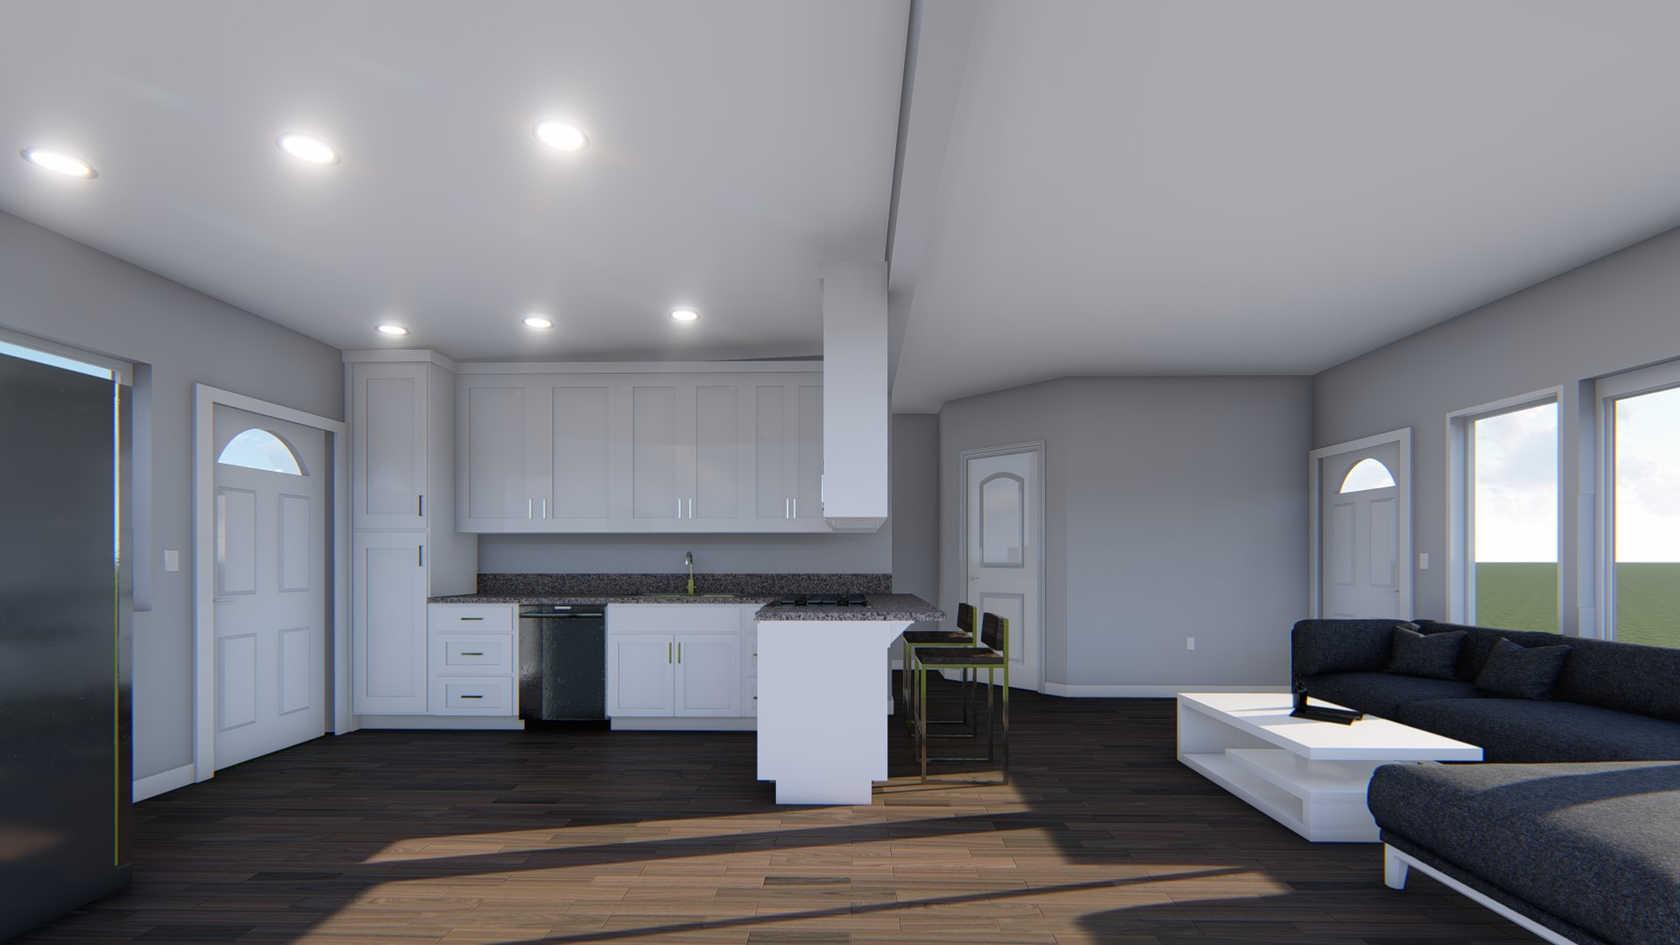 Kitchen&Living Room Design